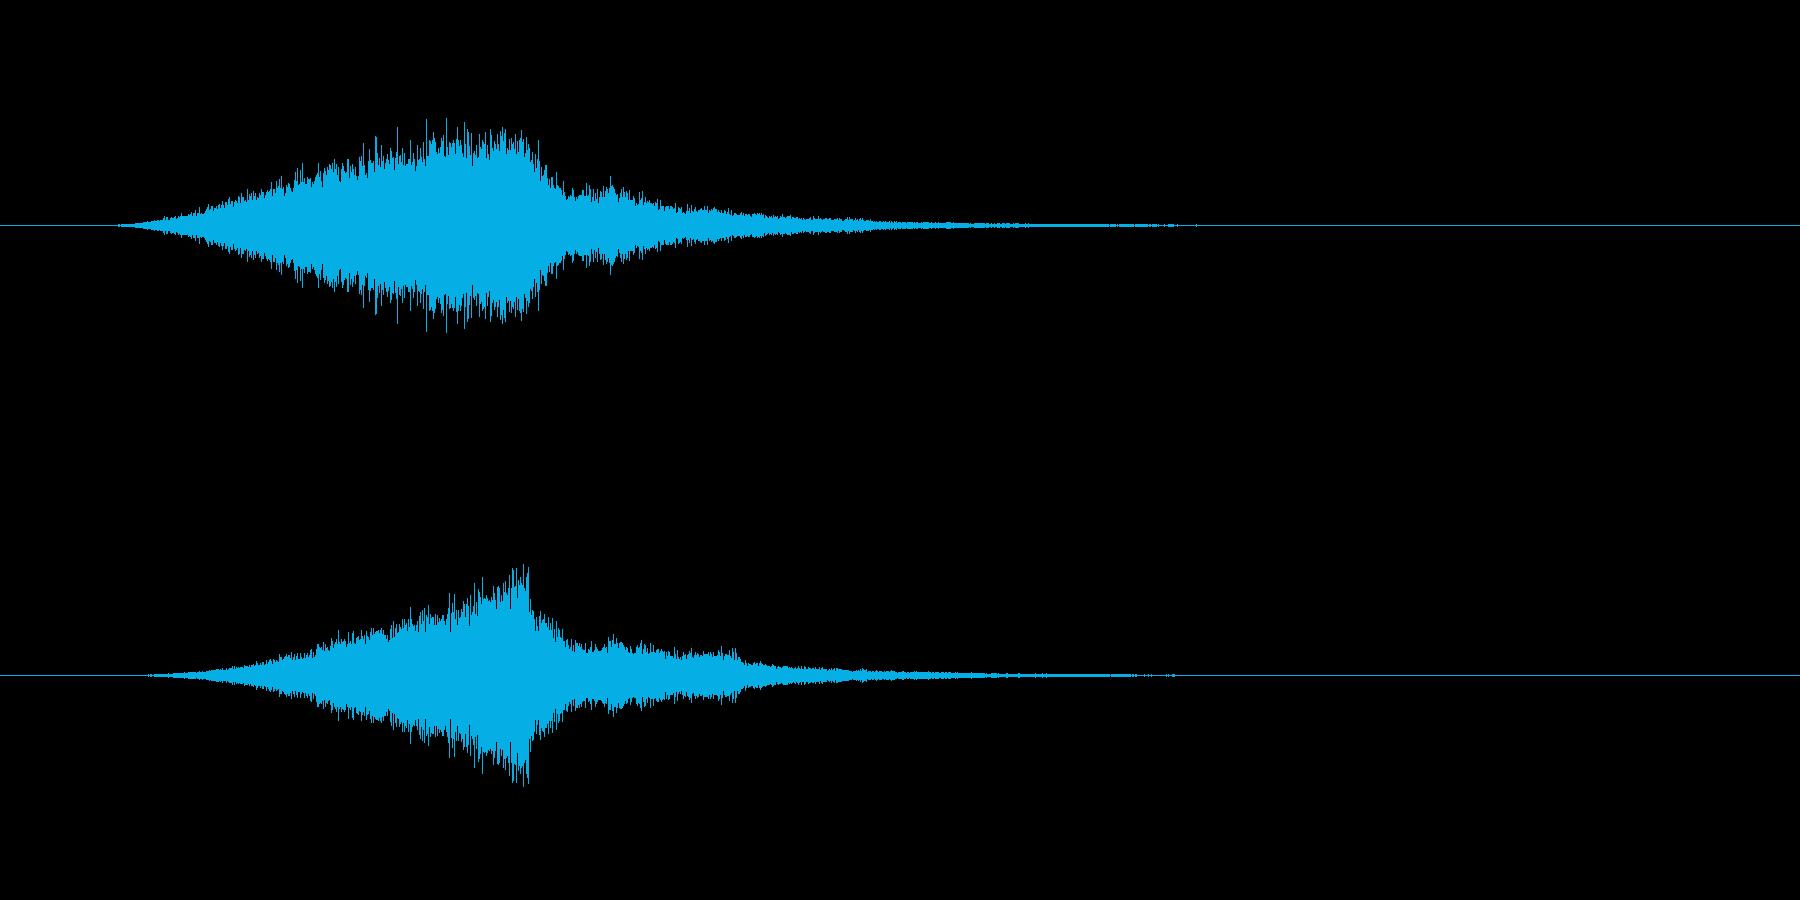 金属を引っ掻いたようなシィーンとなる音の再生済みの波形